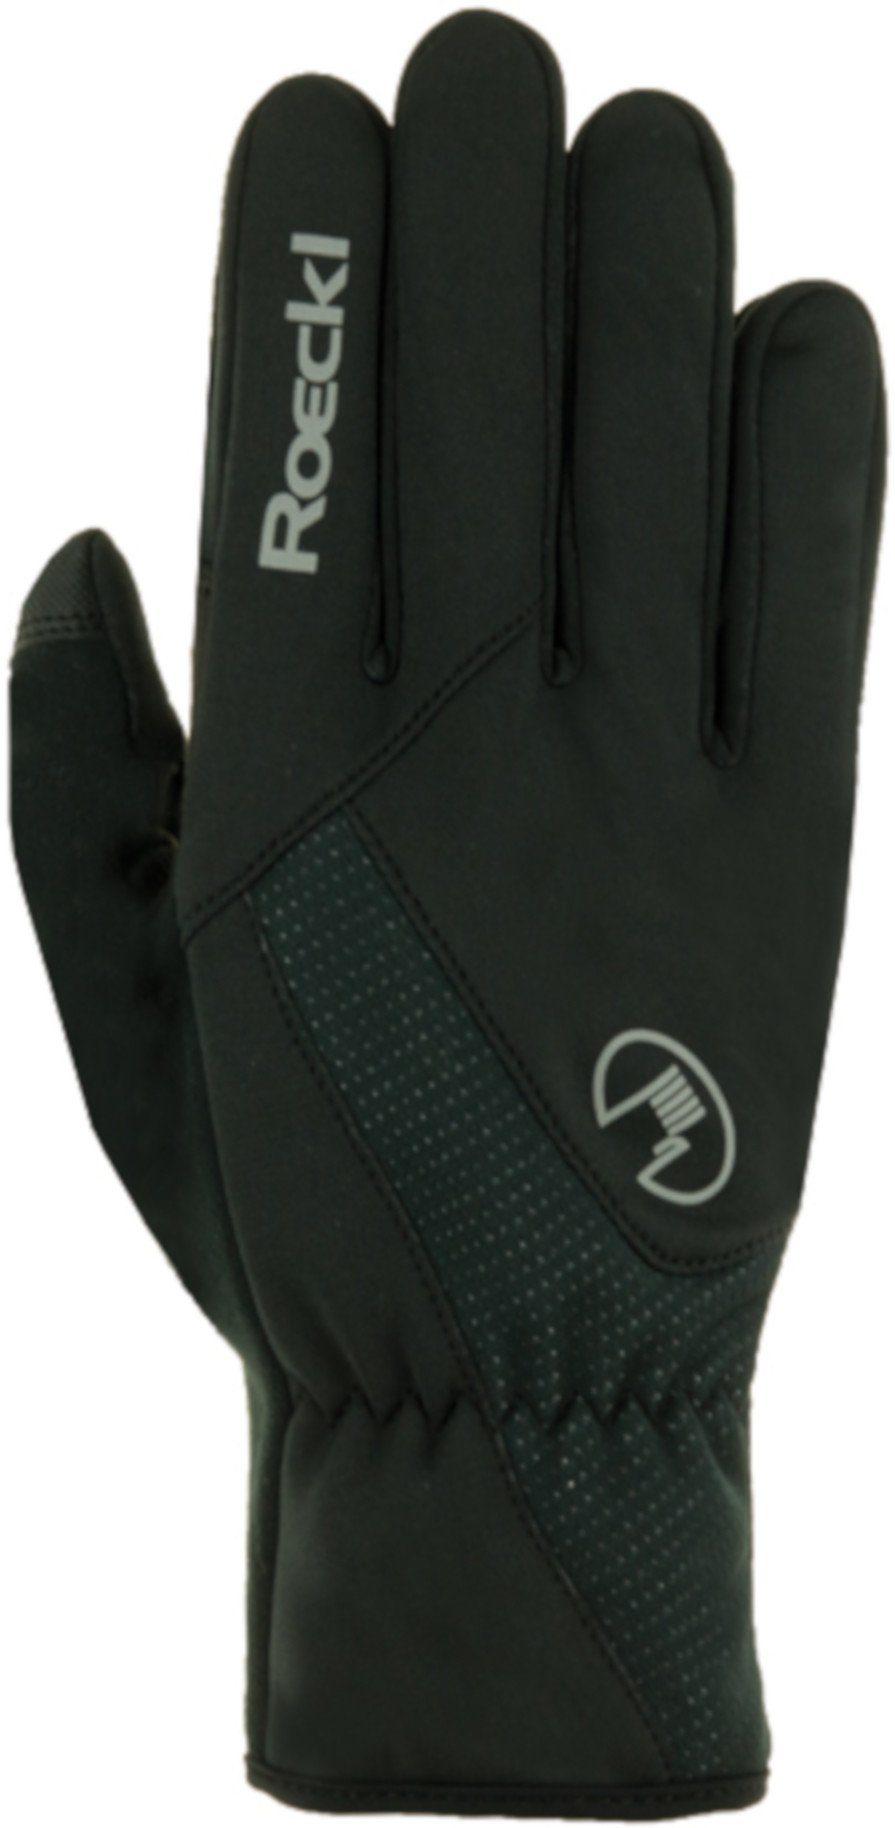 Unisex Roeckl Handschuhe »Roth Bike Gloves« gelb, schwarz   04044791615308